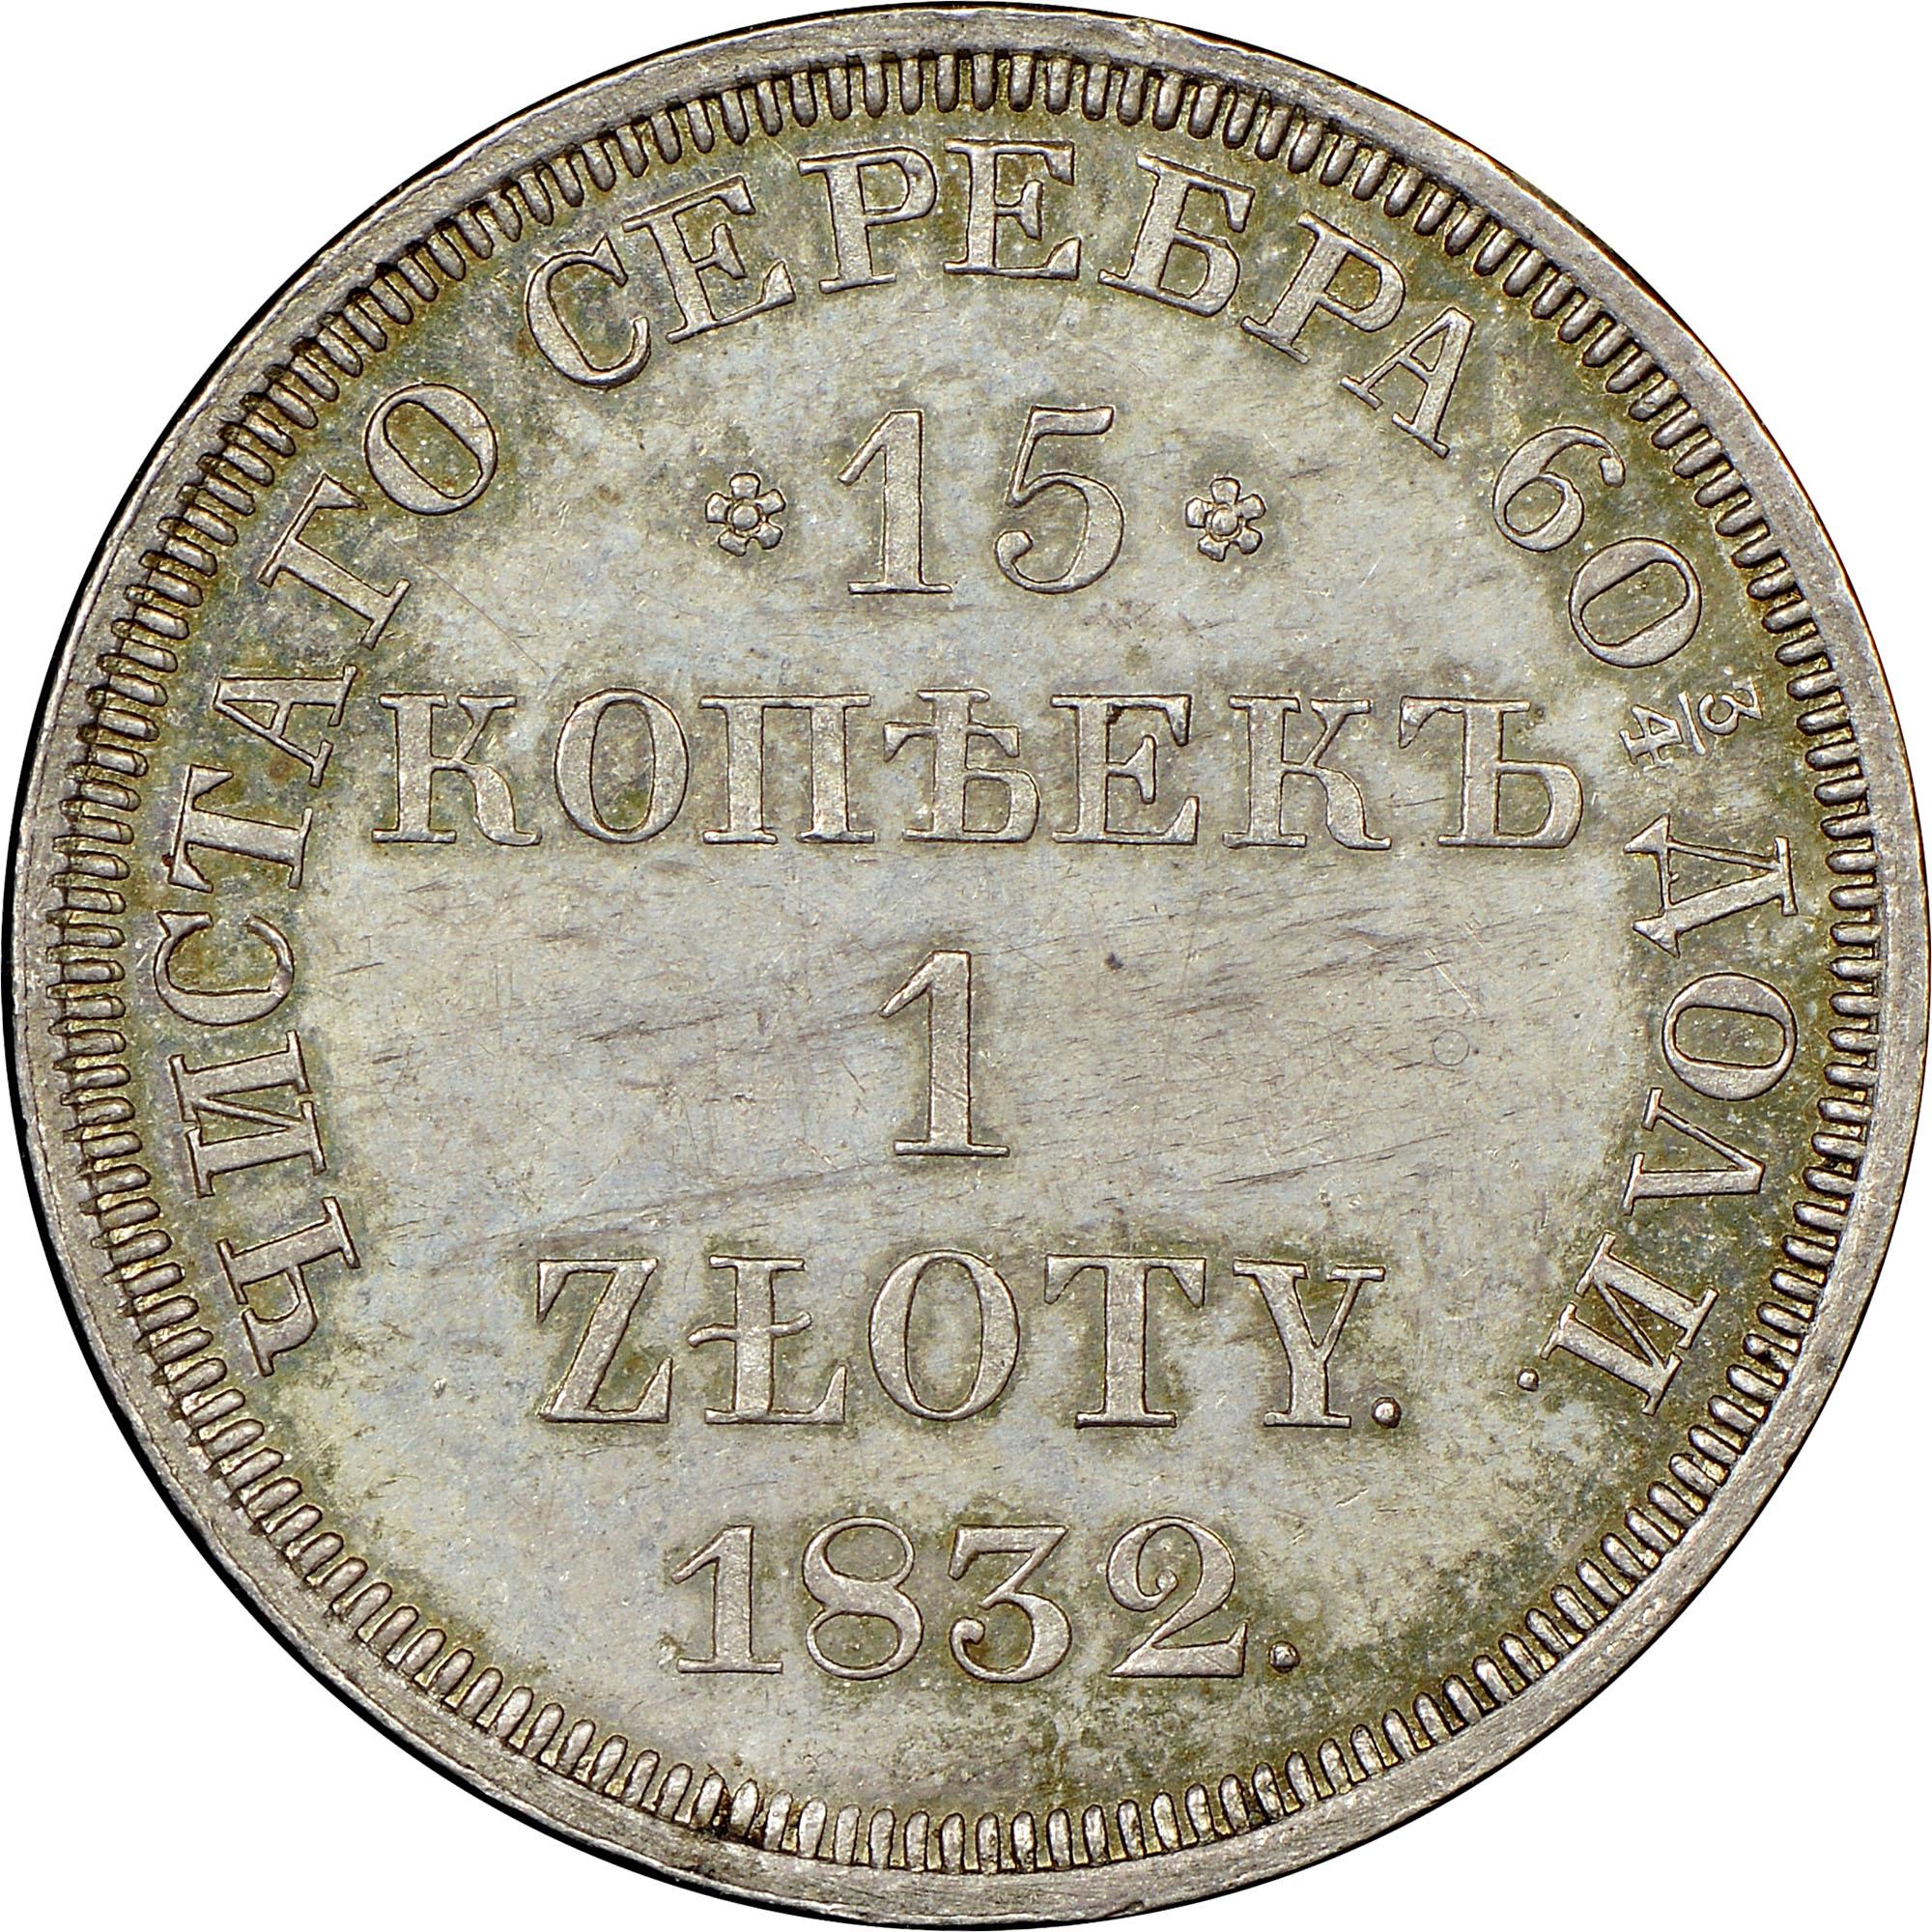 Poland ZÅ'oty-15 Kopeks reverse